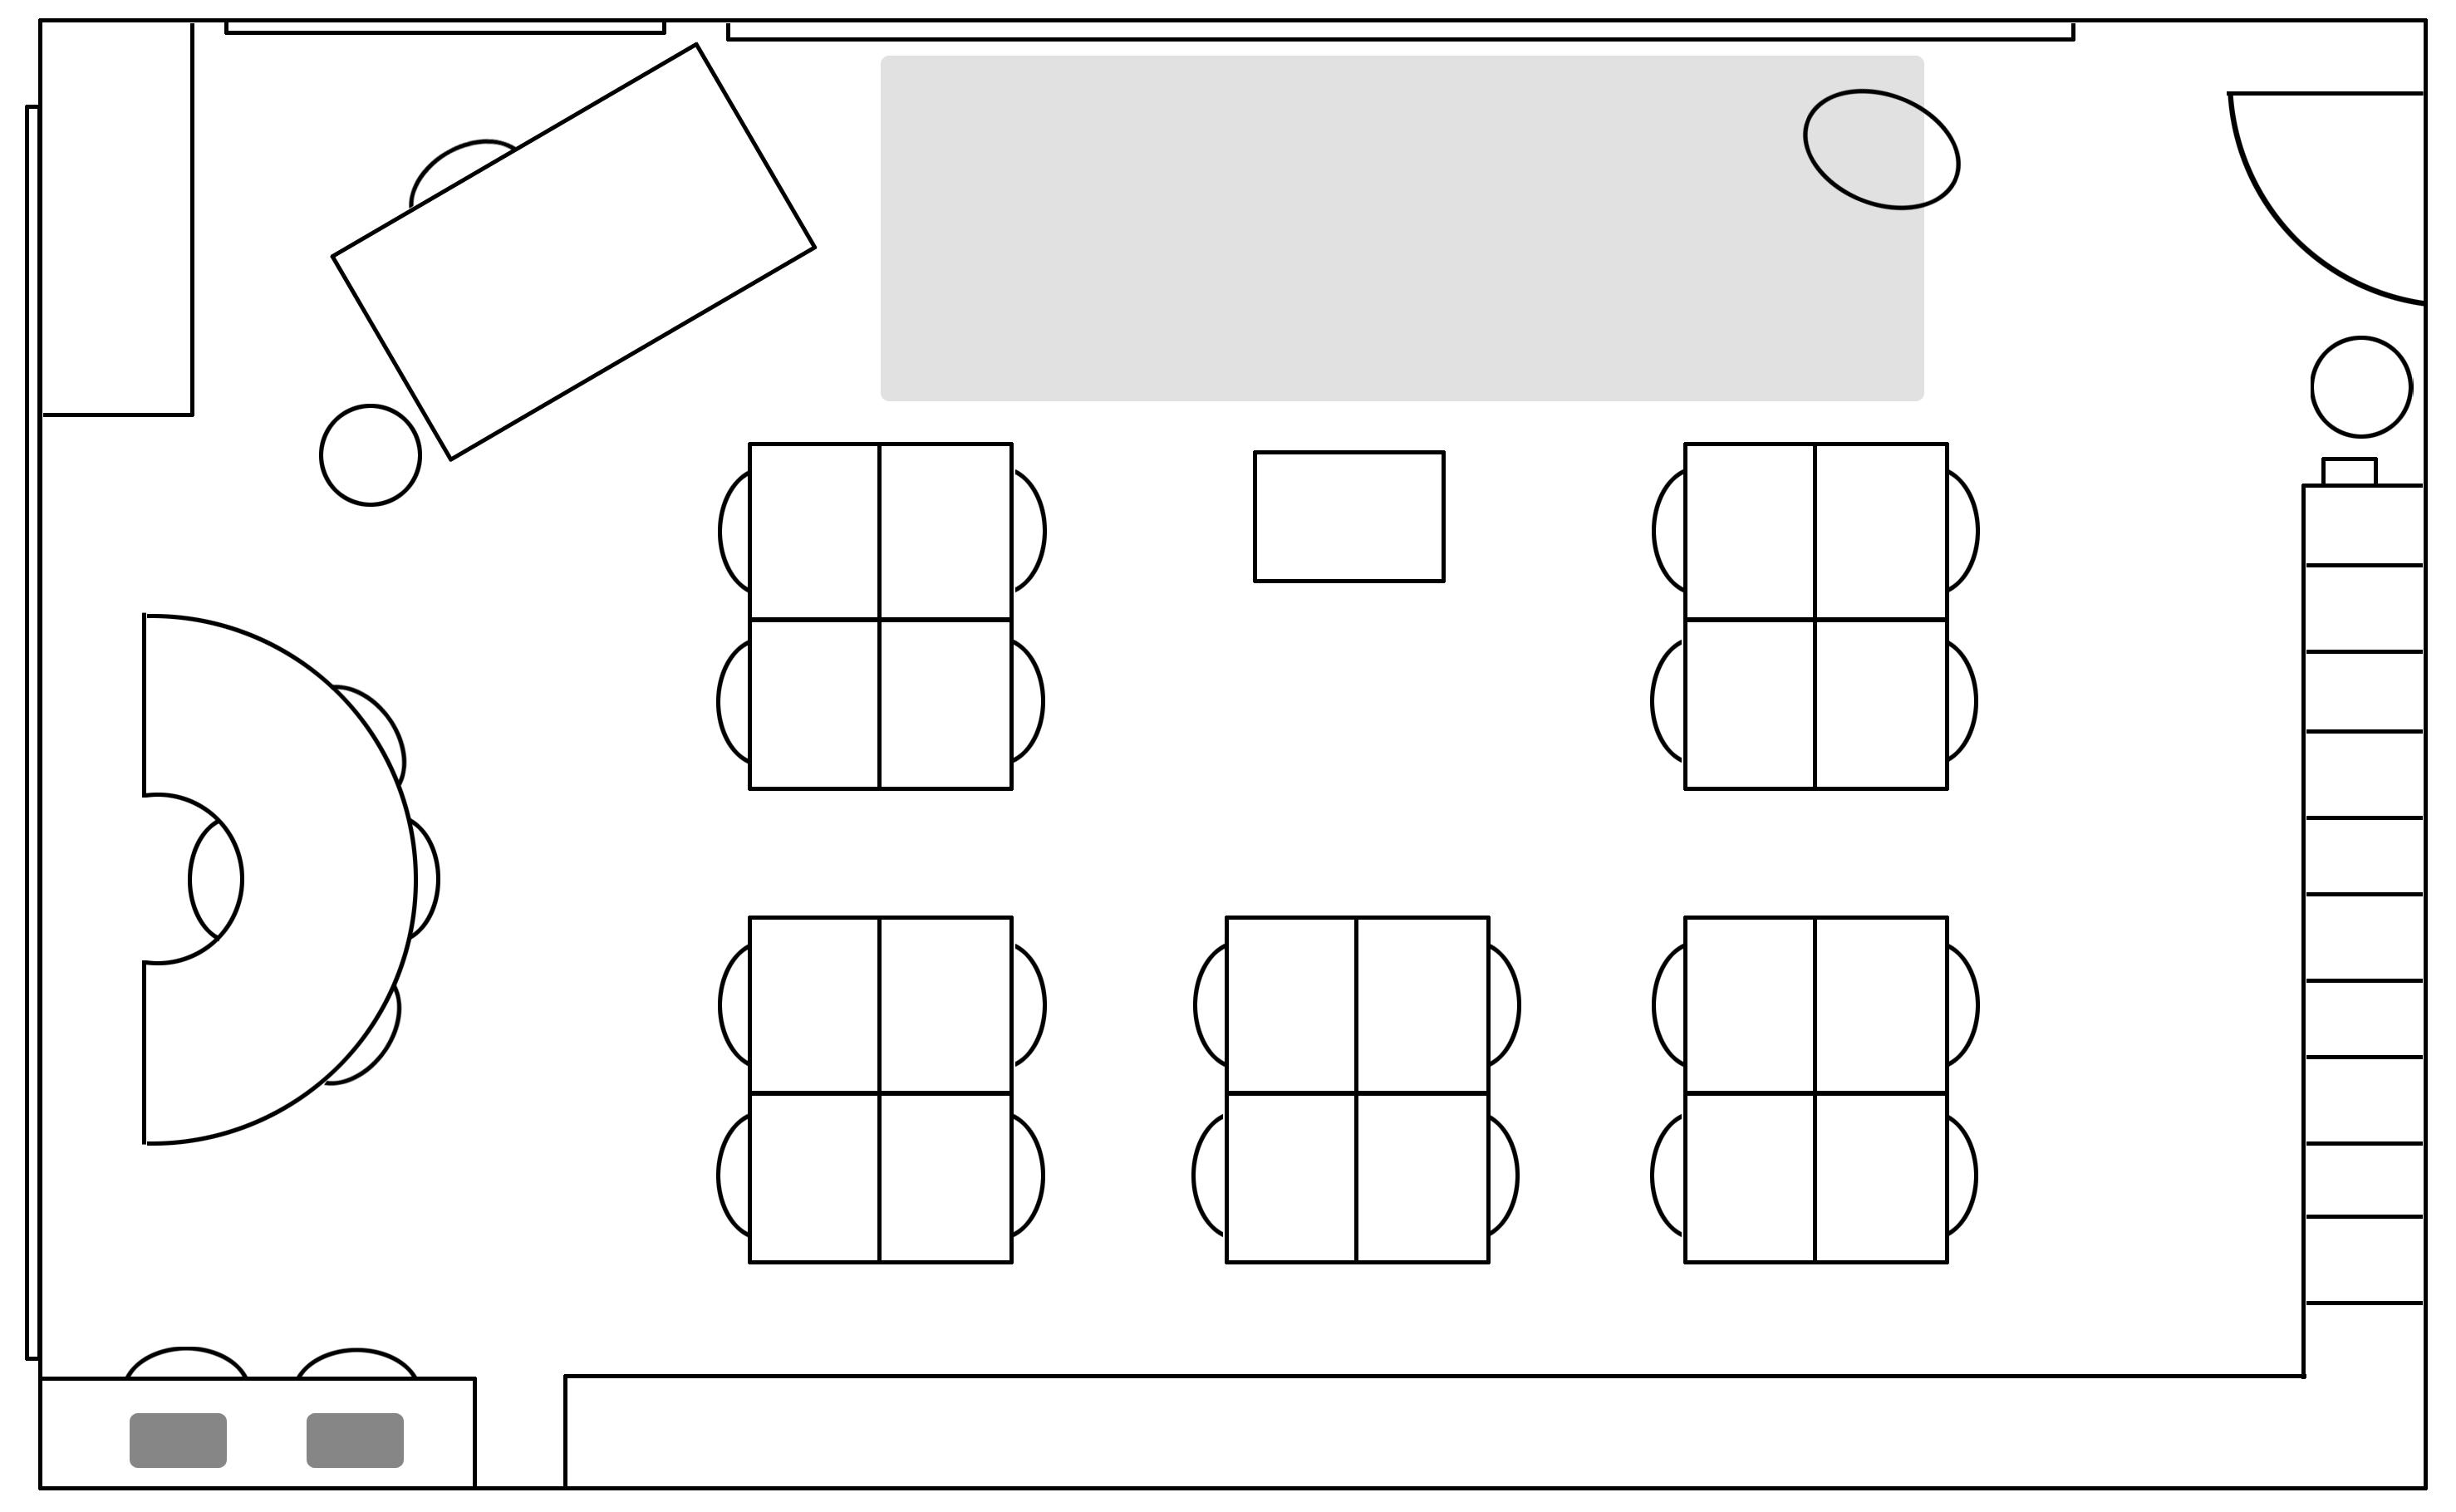 Classroom Seating Arrangment